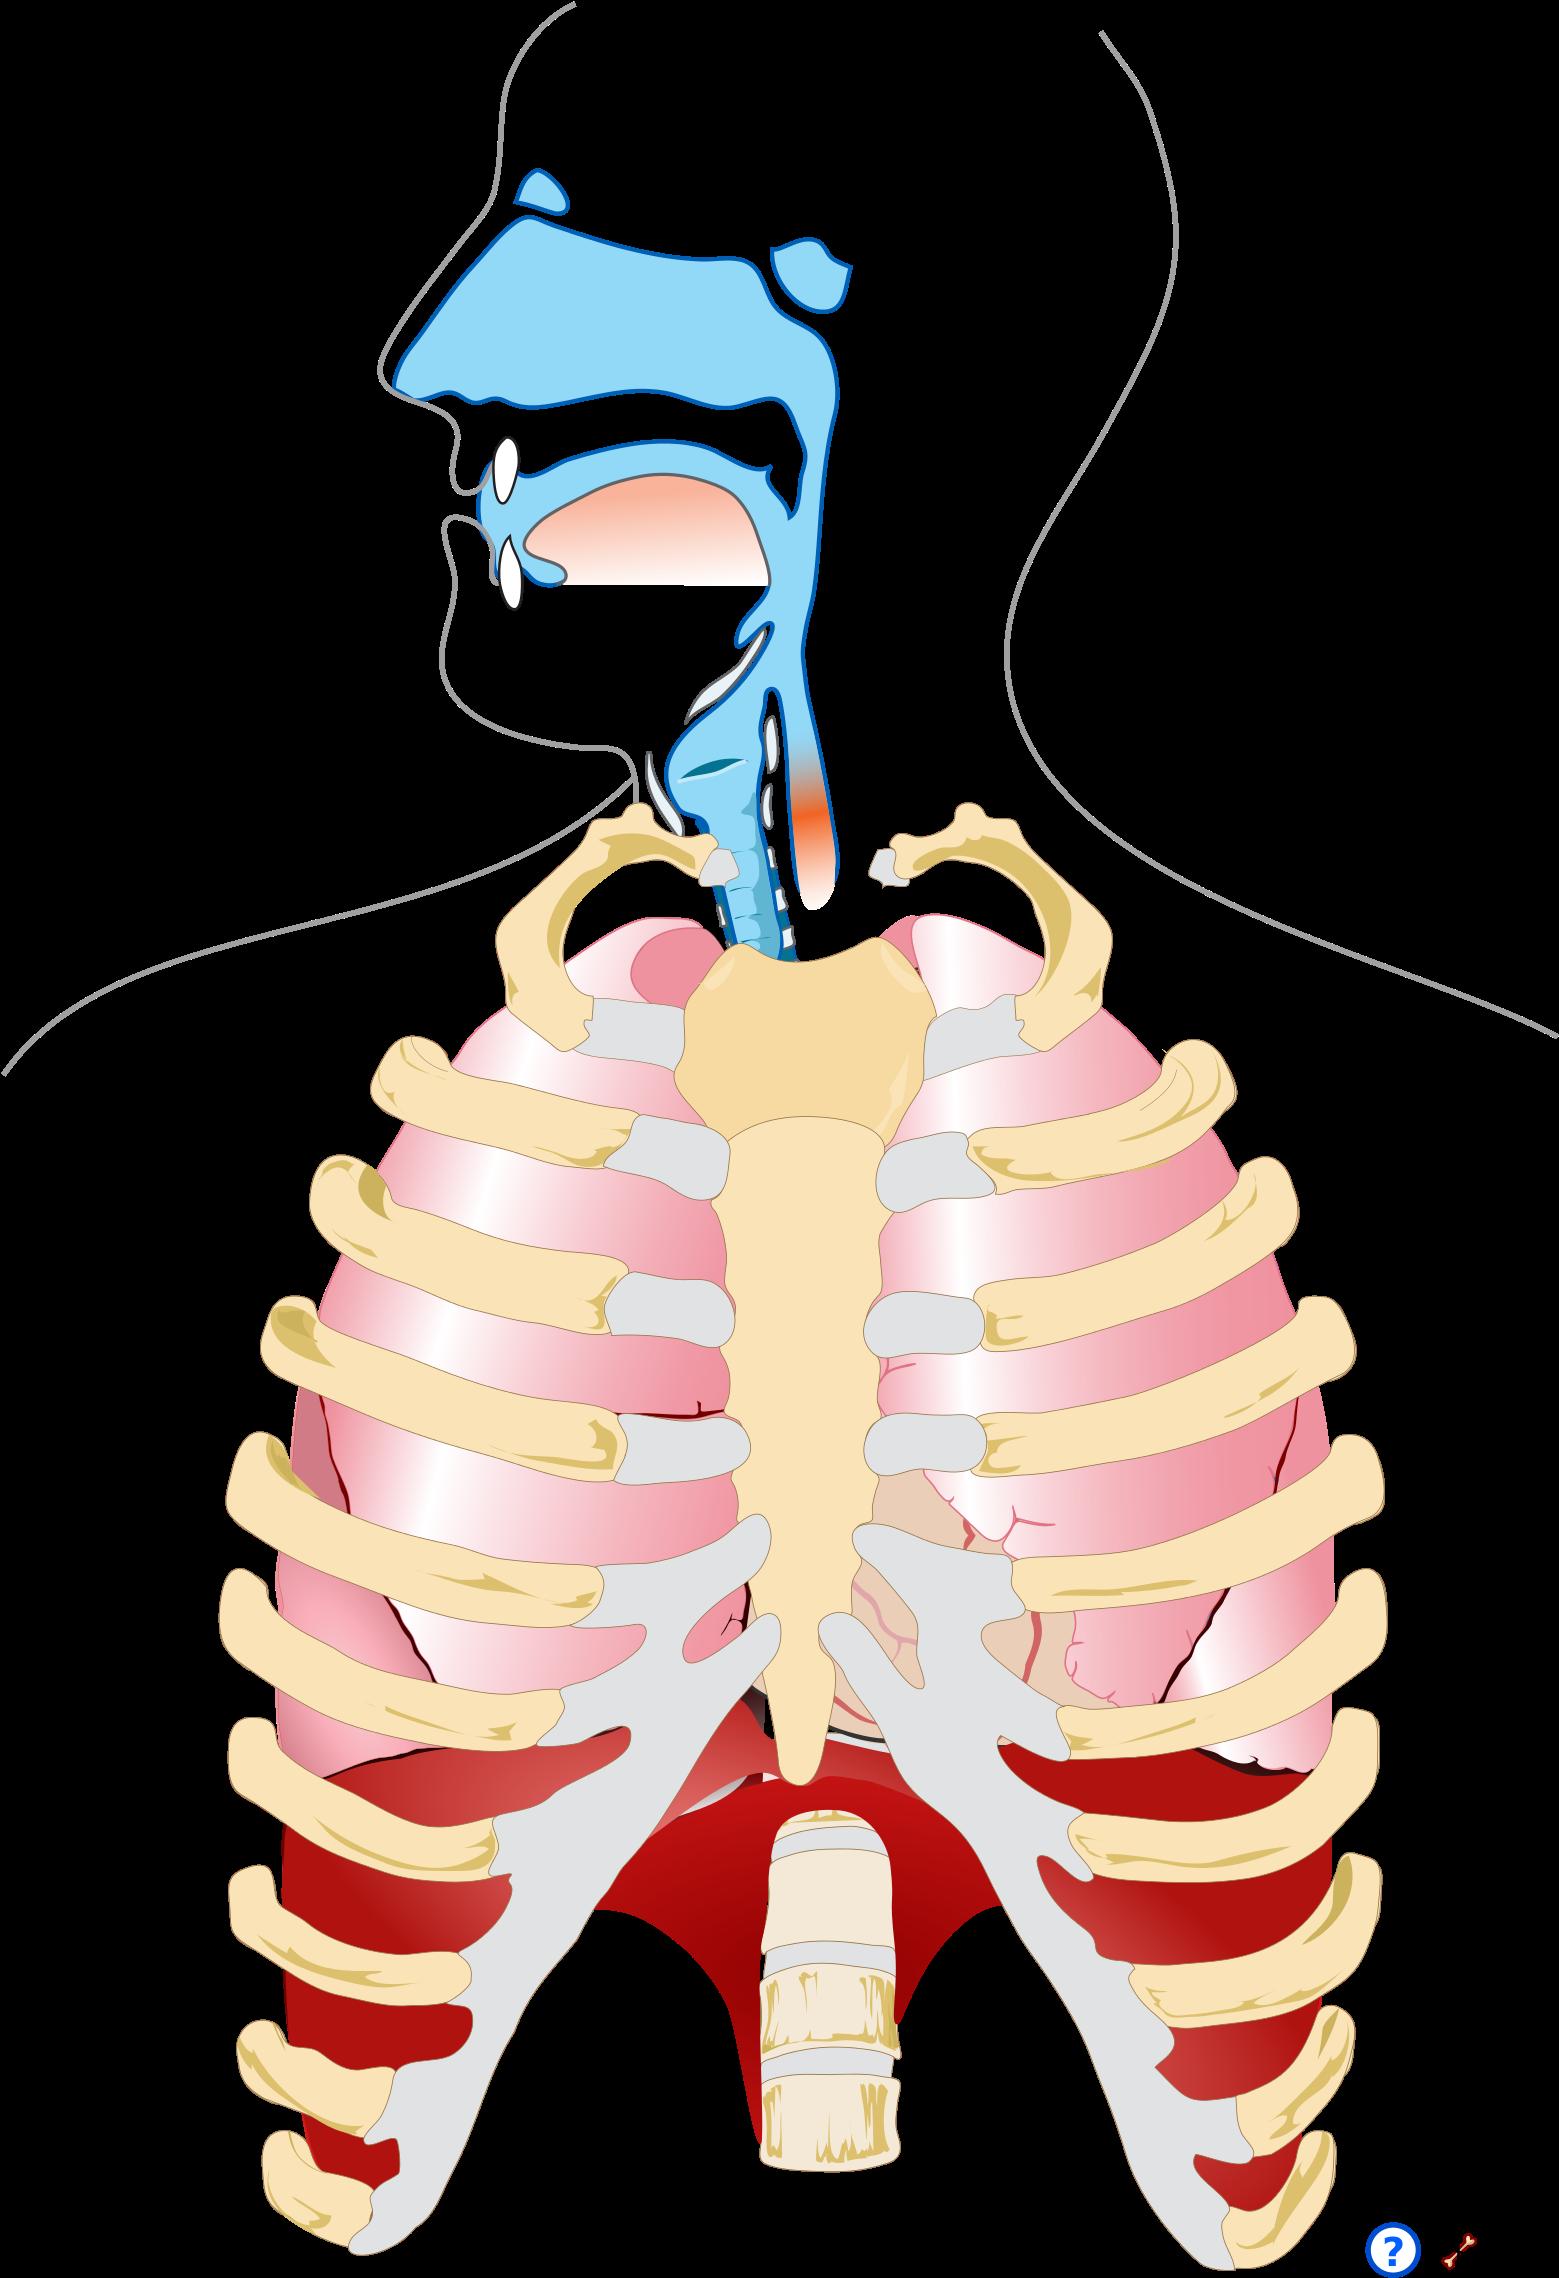 Human Respiratory System Pedagogical Fr Human Respiratory System Png Clipart Full Size Clipart 1592121 Pinclipart